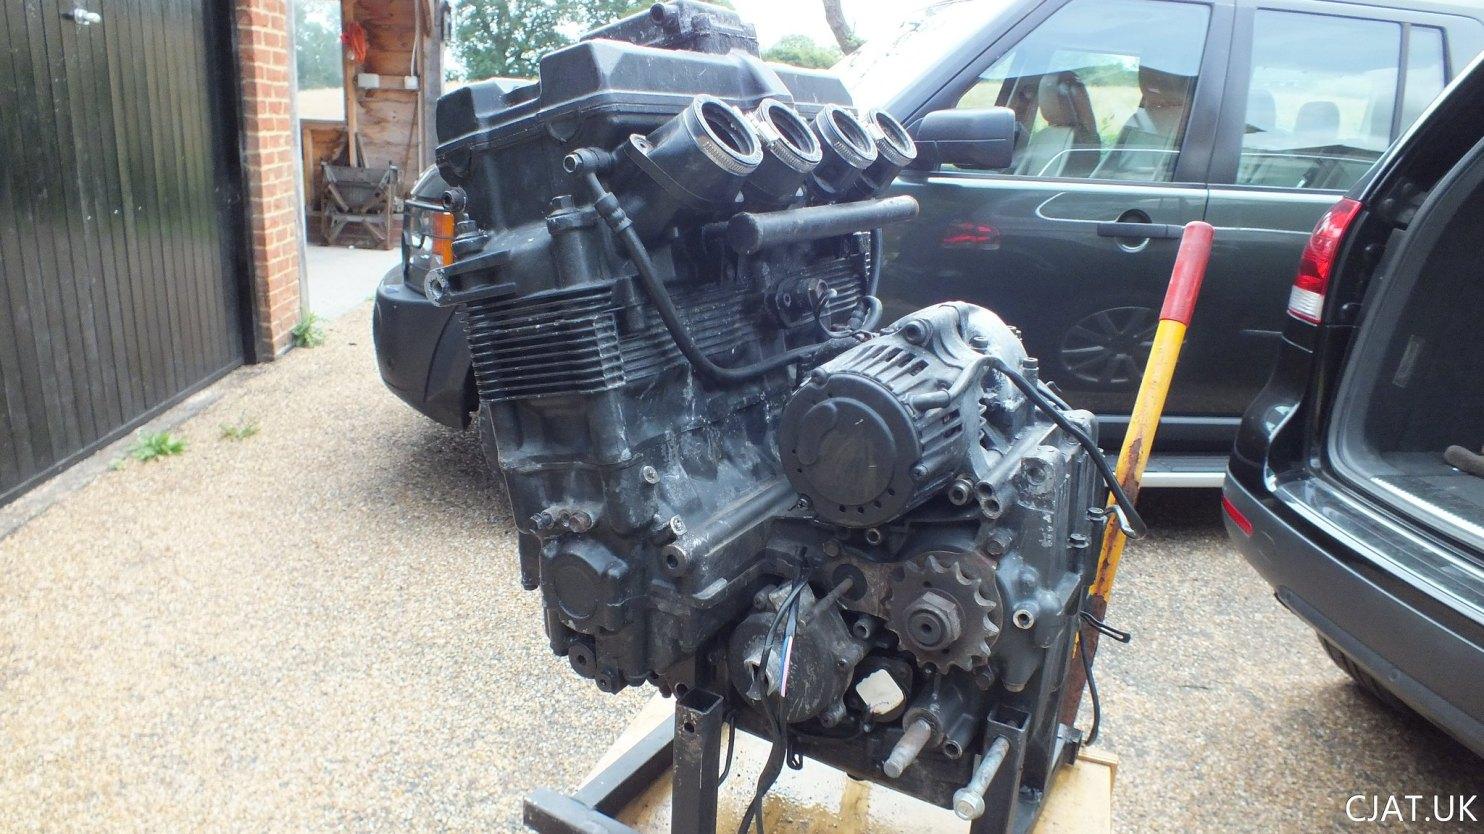 23. UPDATE 2016 – Engine Problems